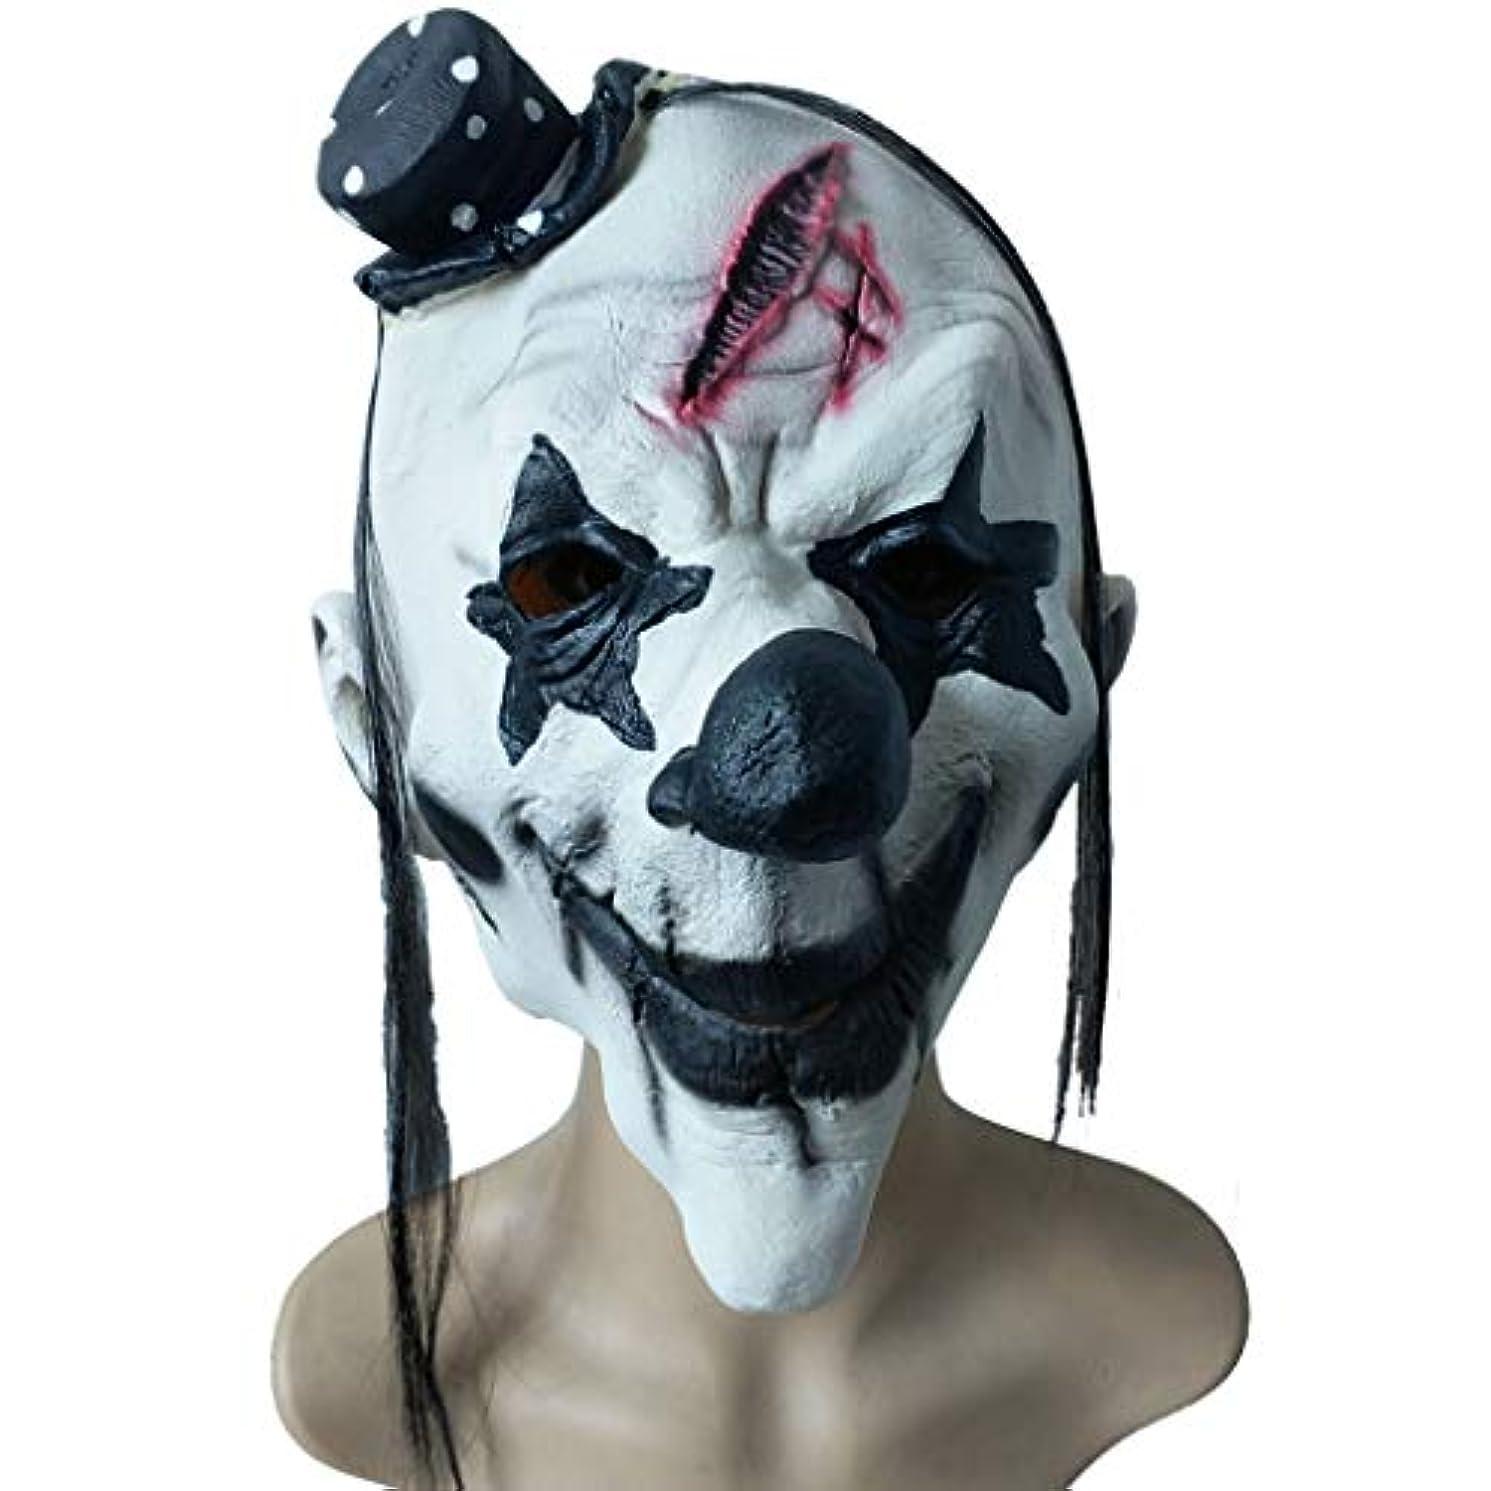 に向かってどっちでも画家ハロウィーン面白いドレスアップ白黒ピエロマスクしかめっ面ホラーラテックスヘッドセットファンシードレスパーティーパフォーマンスの小道具